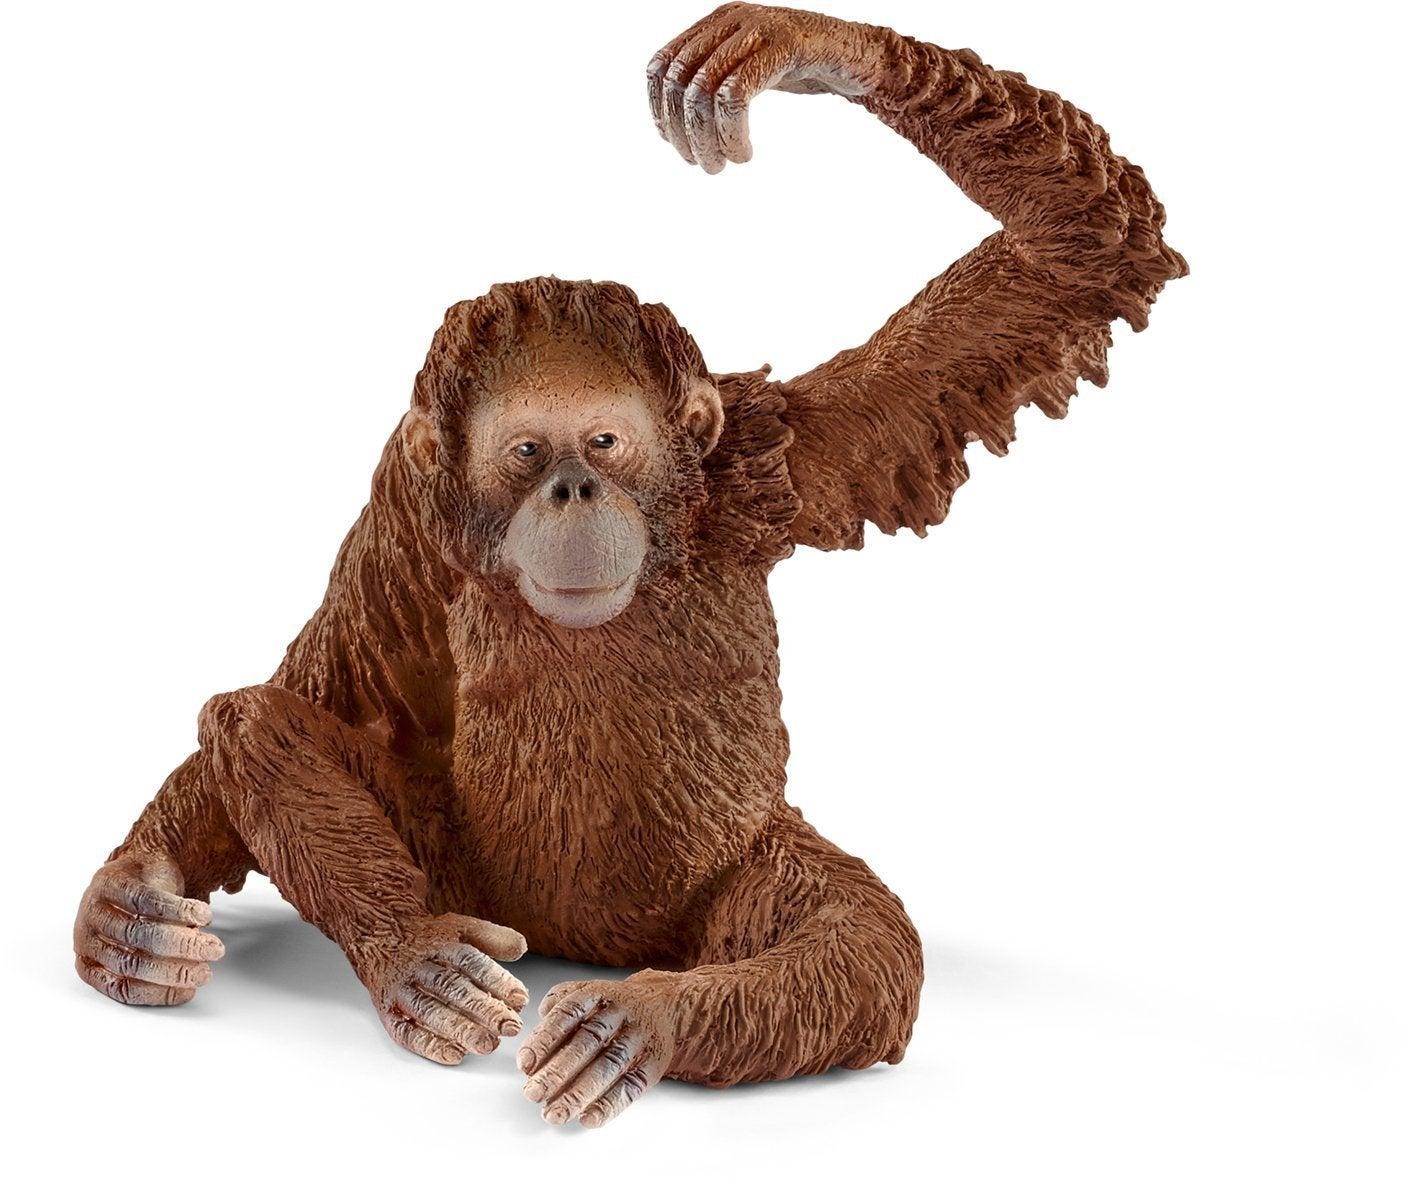 Schleich Wild Life - Orangutan Female